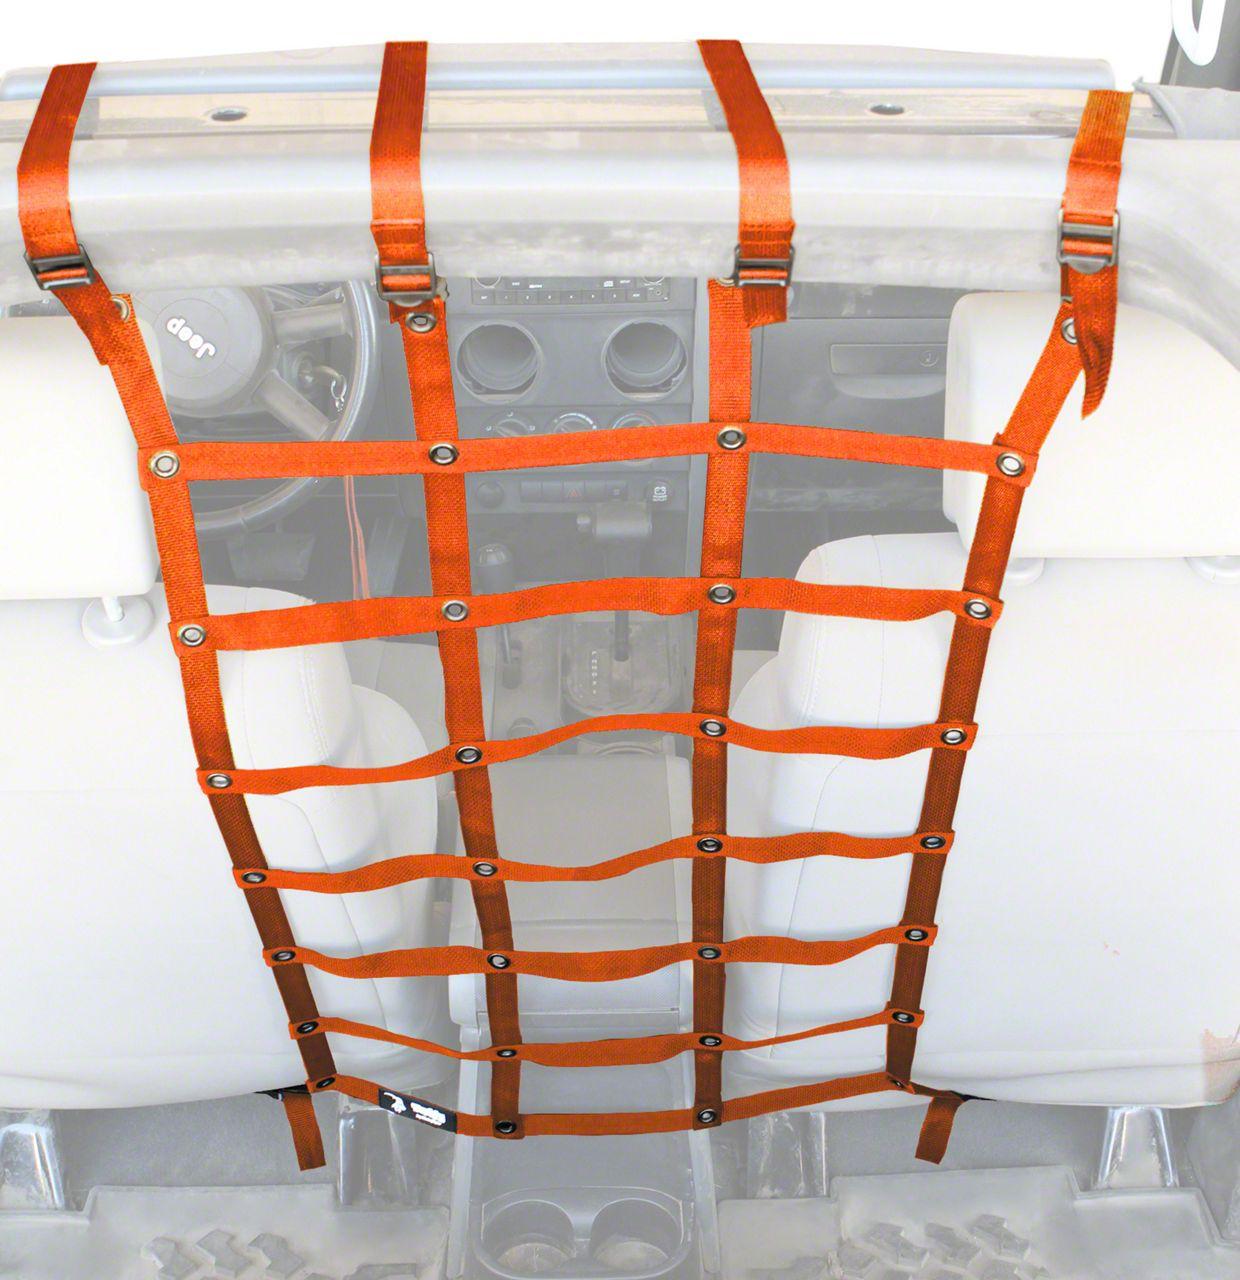 Steinjager Pet Partition - Orange (07-18 Jeep Wrangler JK 4 Door)